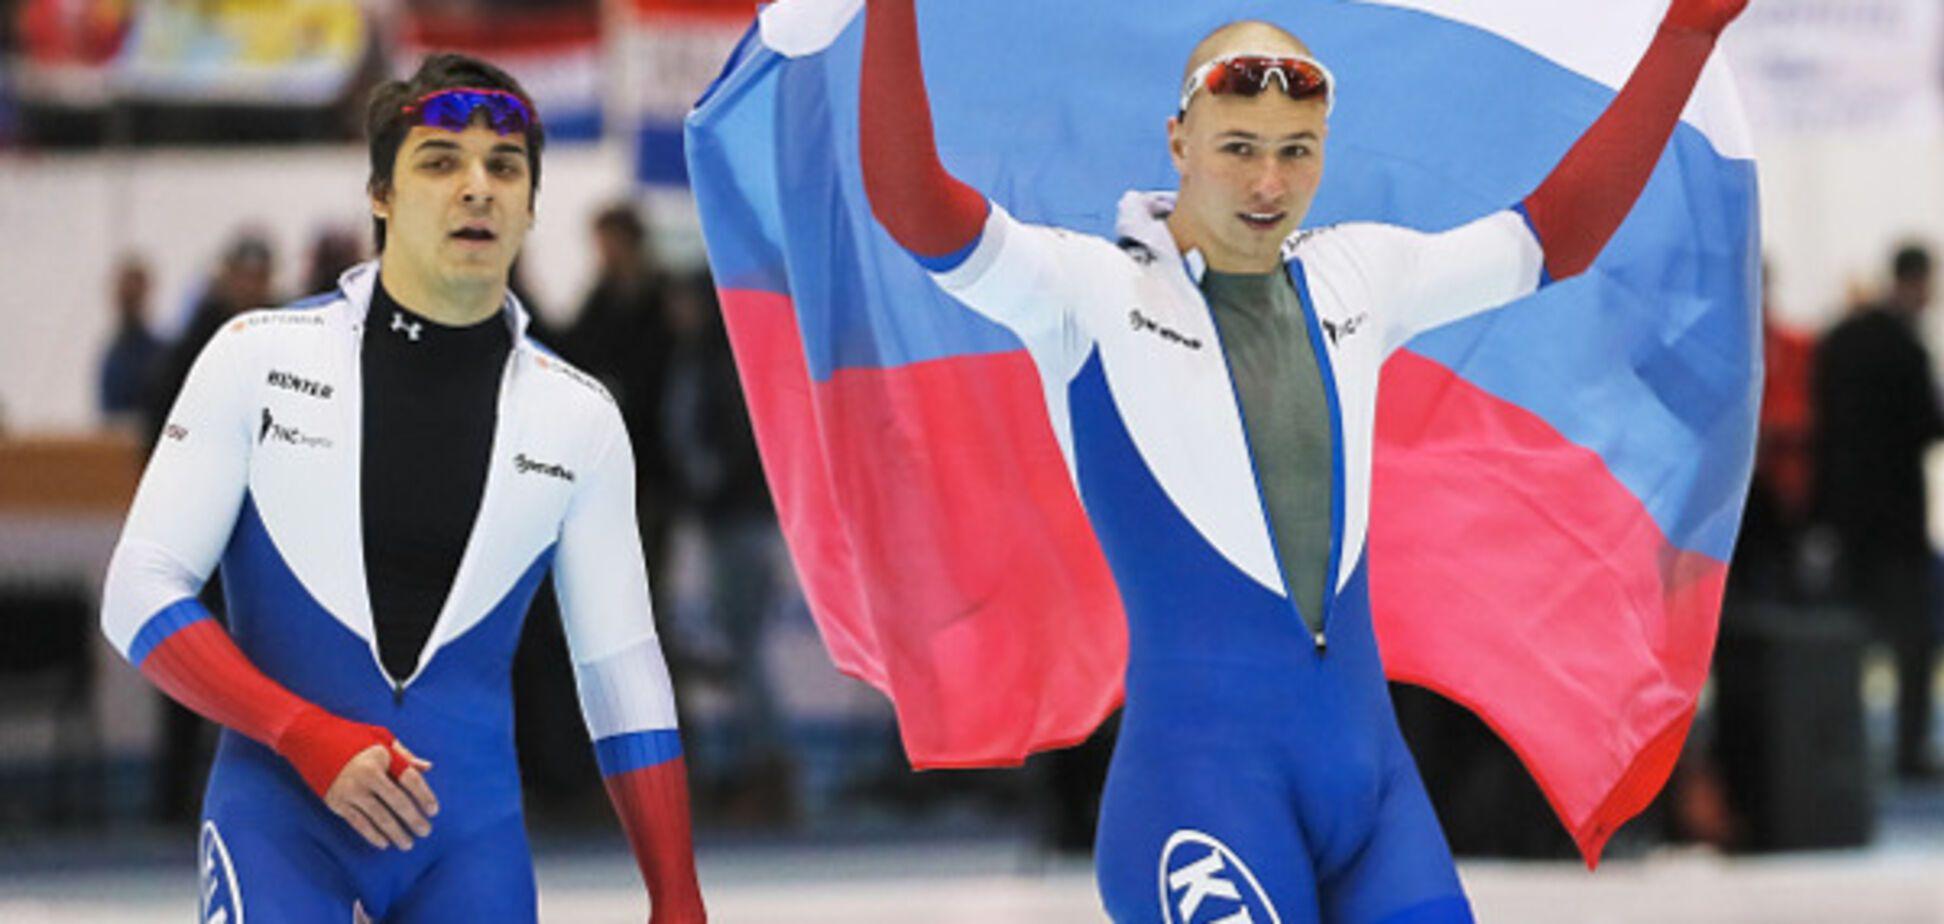 Російський чемпіон світу влаштував п'яний дебош в Японії